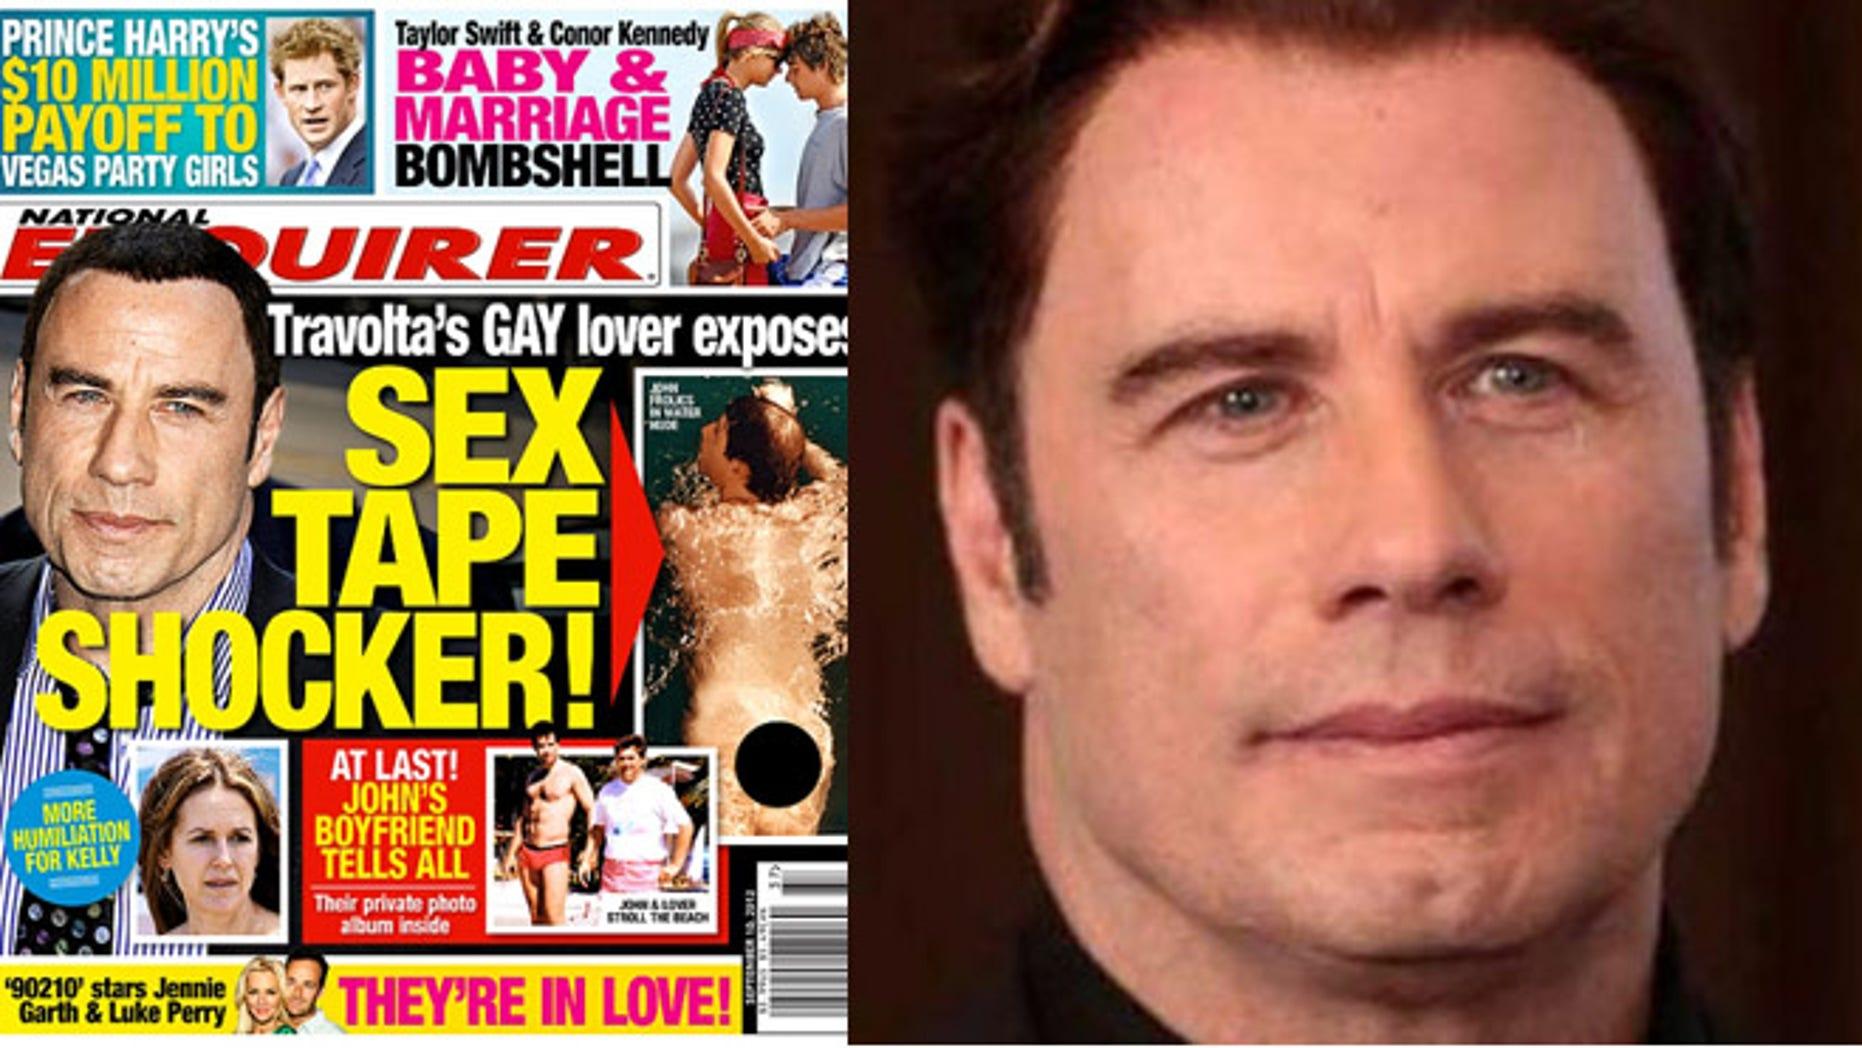 travolta gay John being